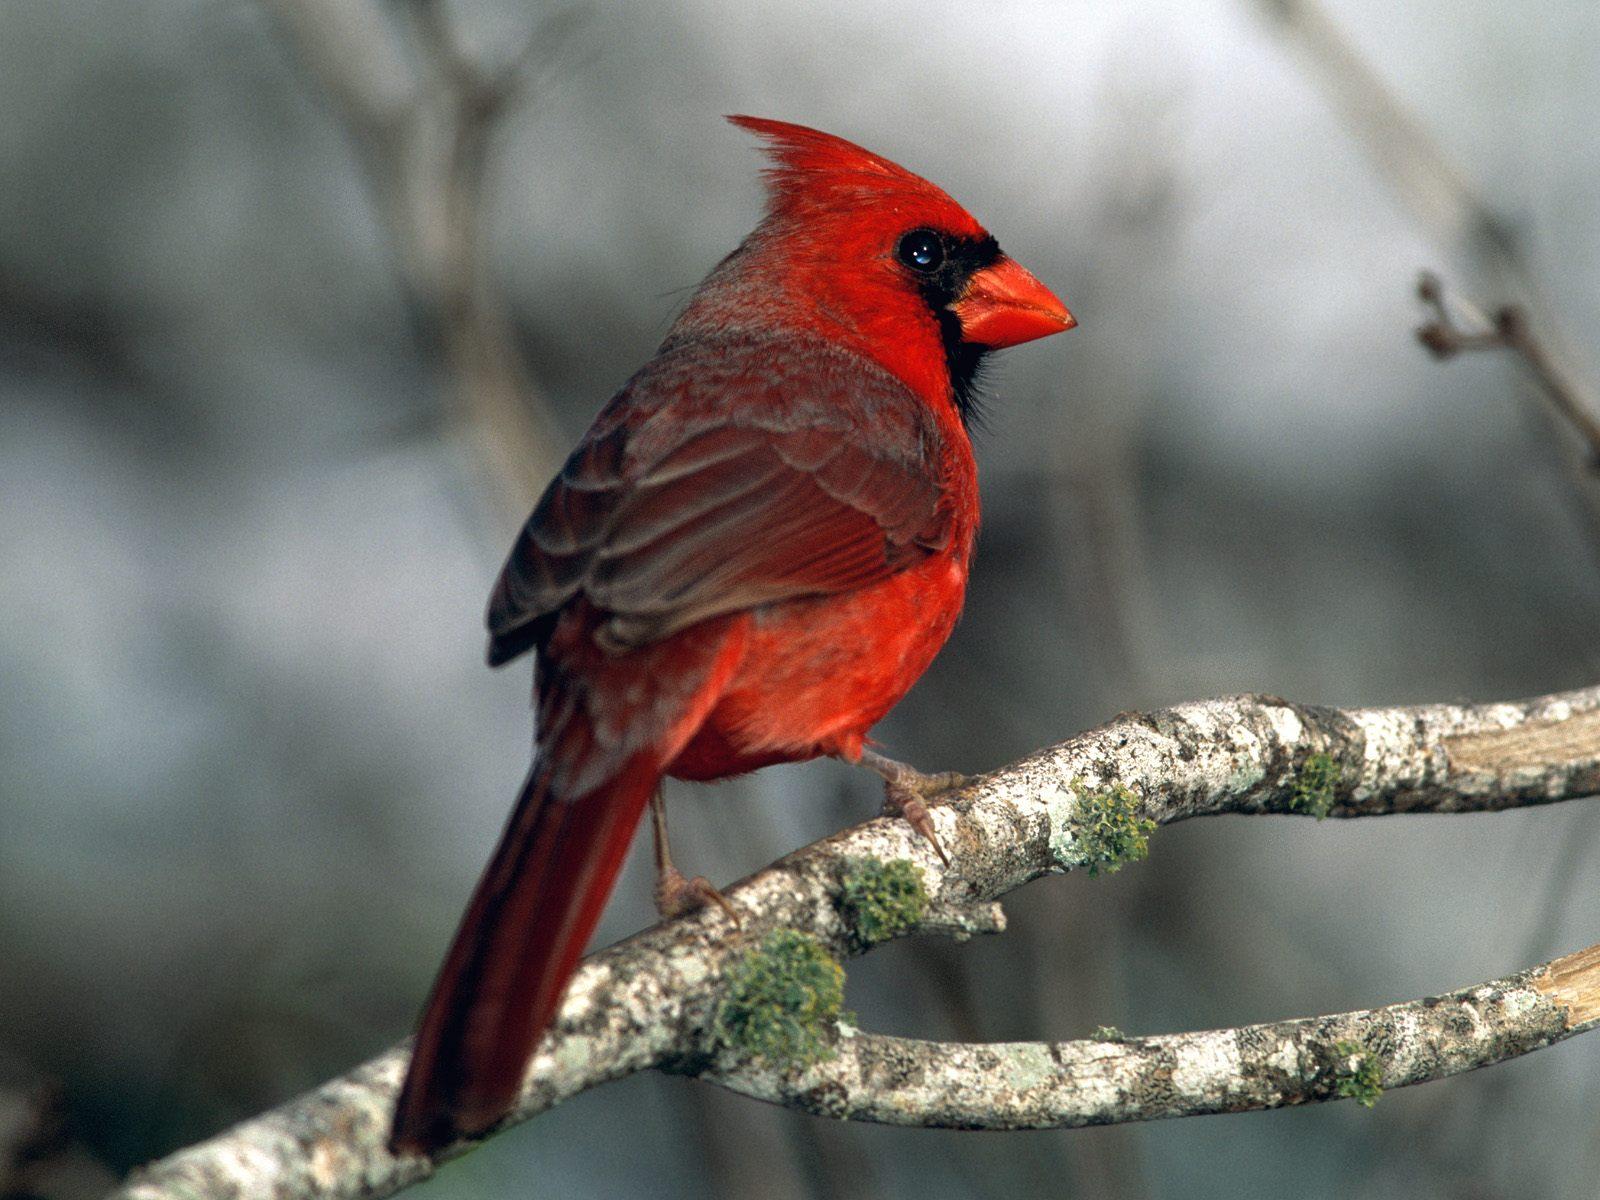 bird cardinal images